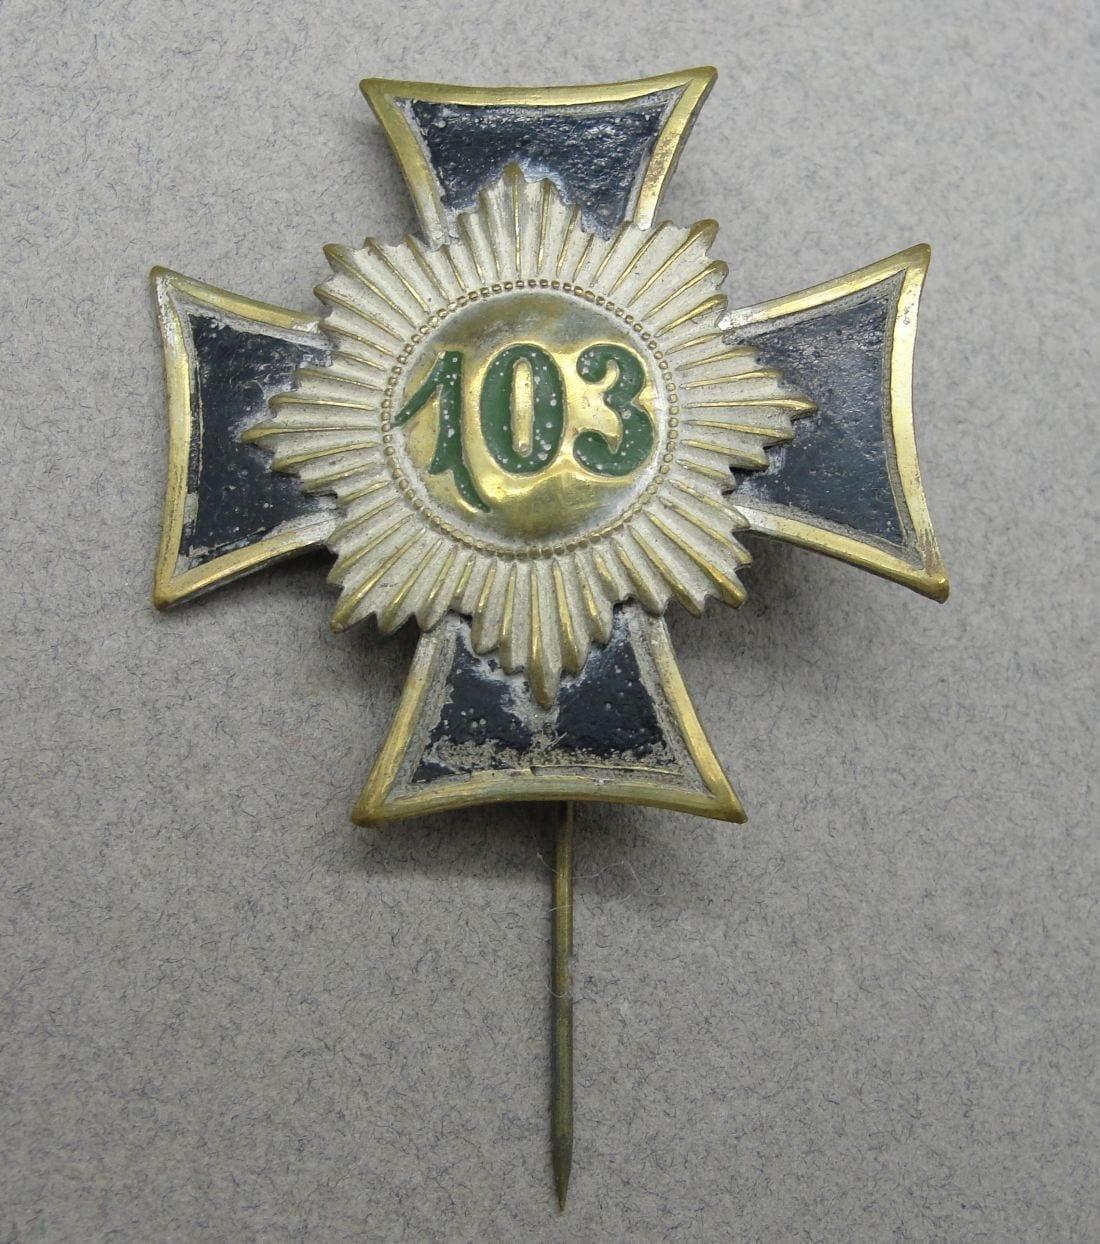 103 Regiment Badge